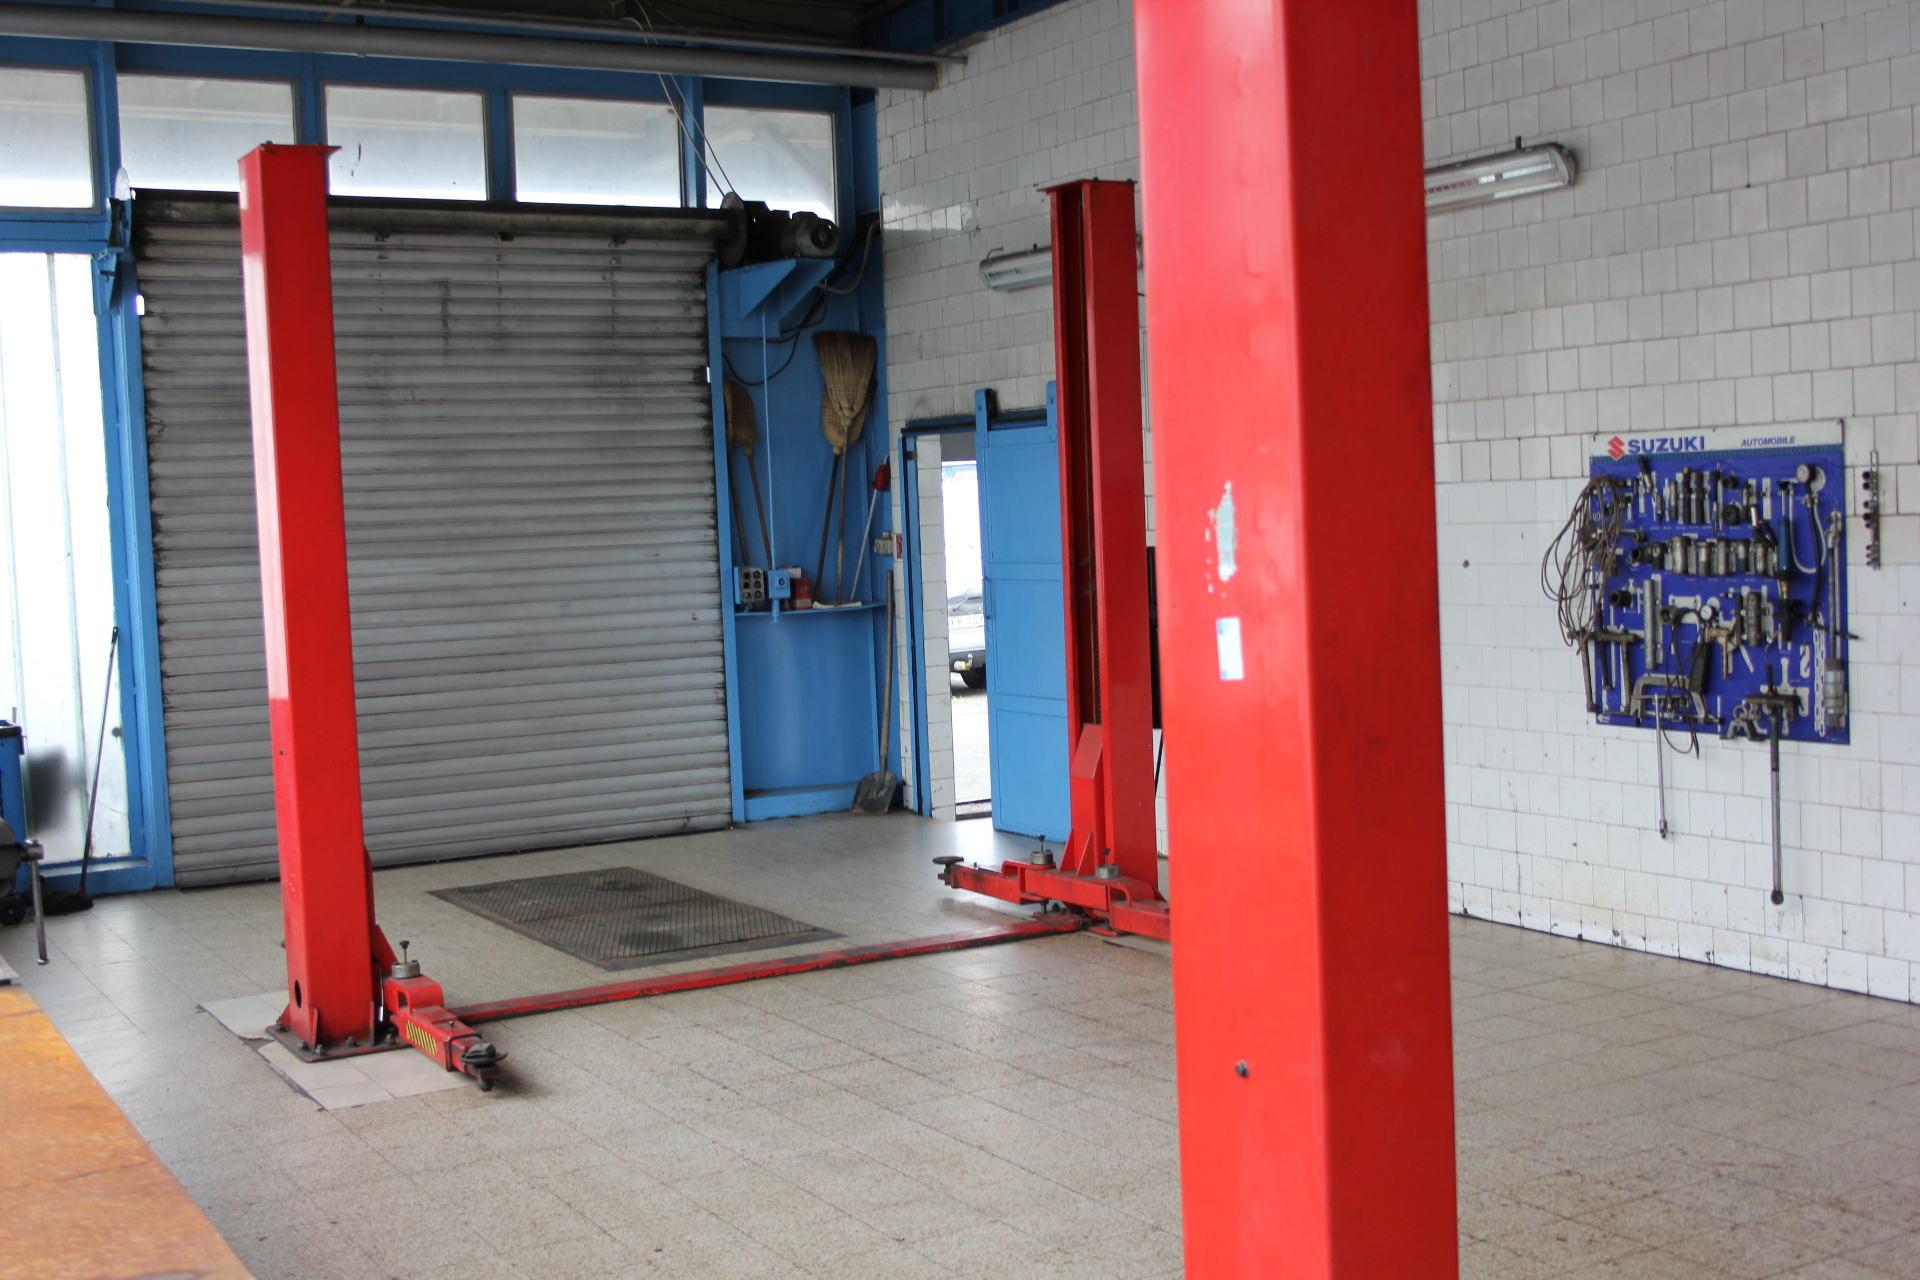 Autójavító műhely, kiadó, karosszériajavítás, karosszéria javítás, karosszéria javító, Pápa, kiadó műhelyek, Ferdi Autó